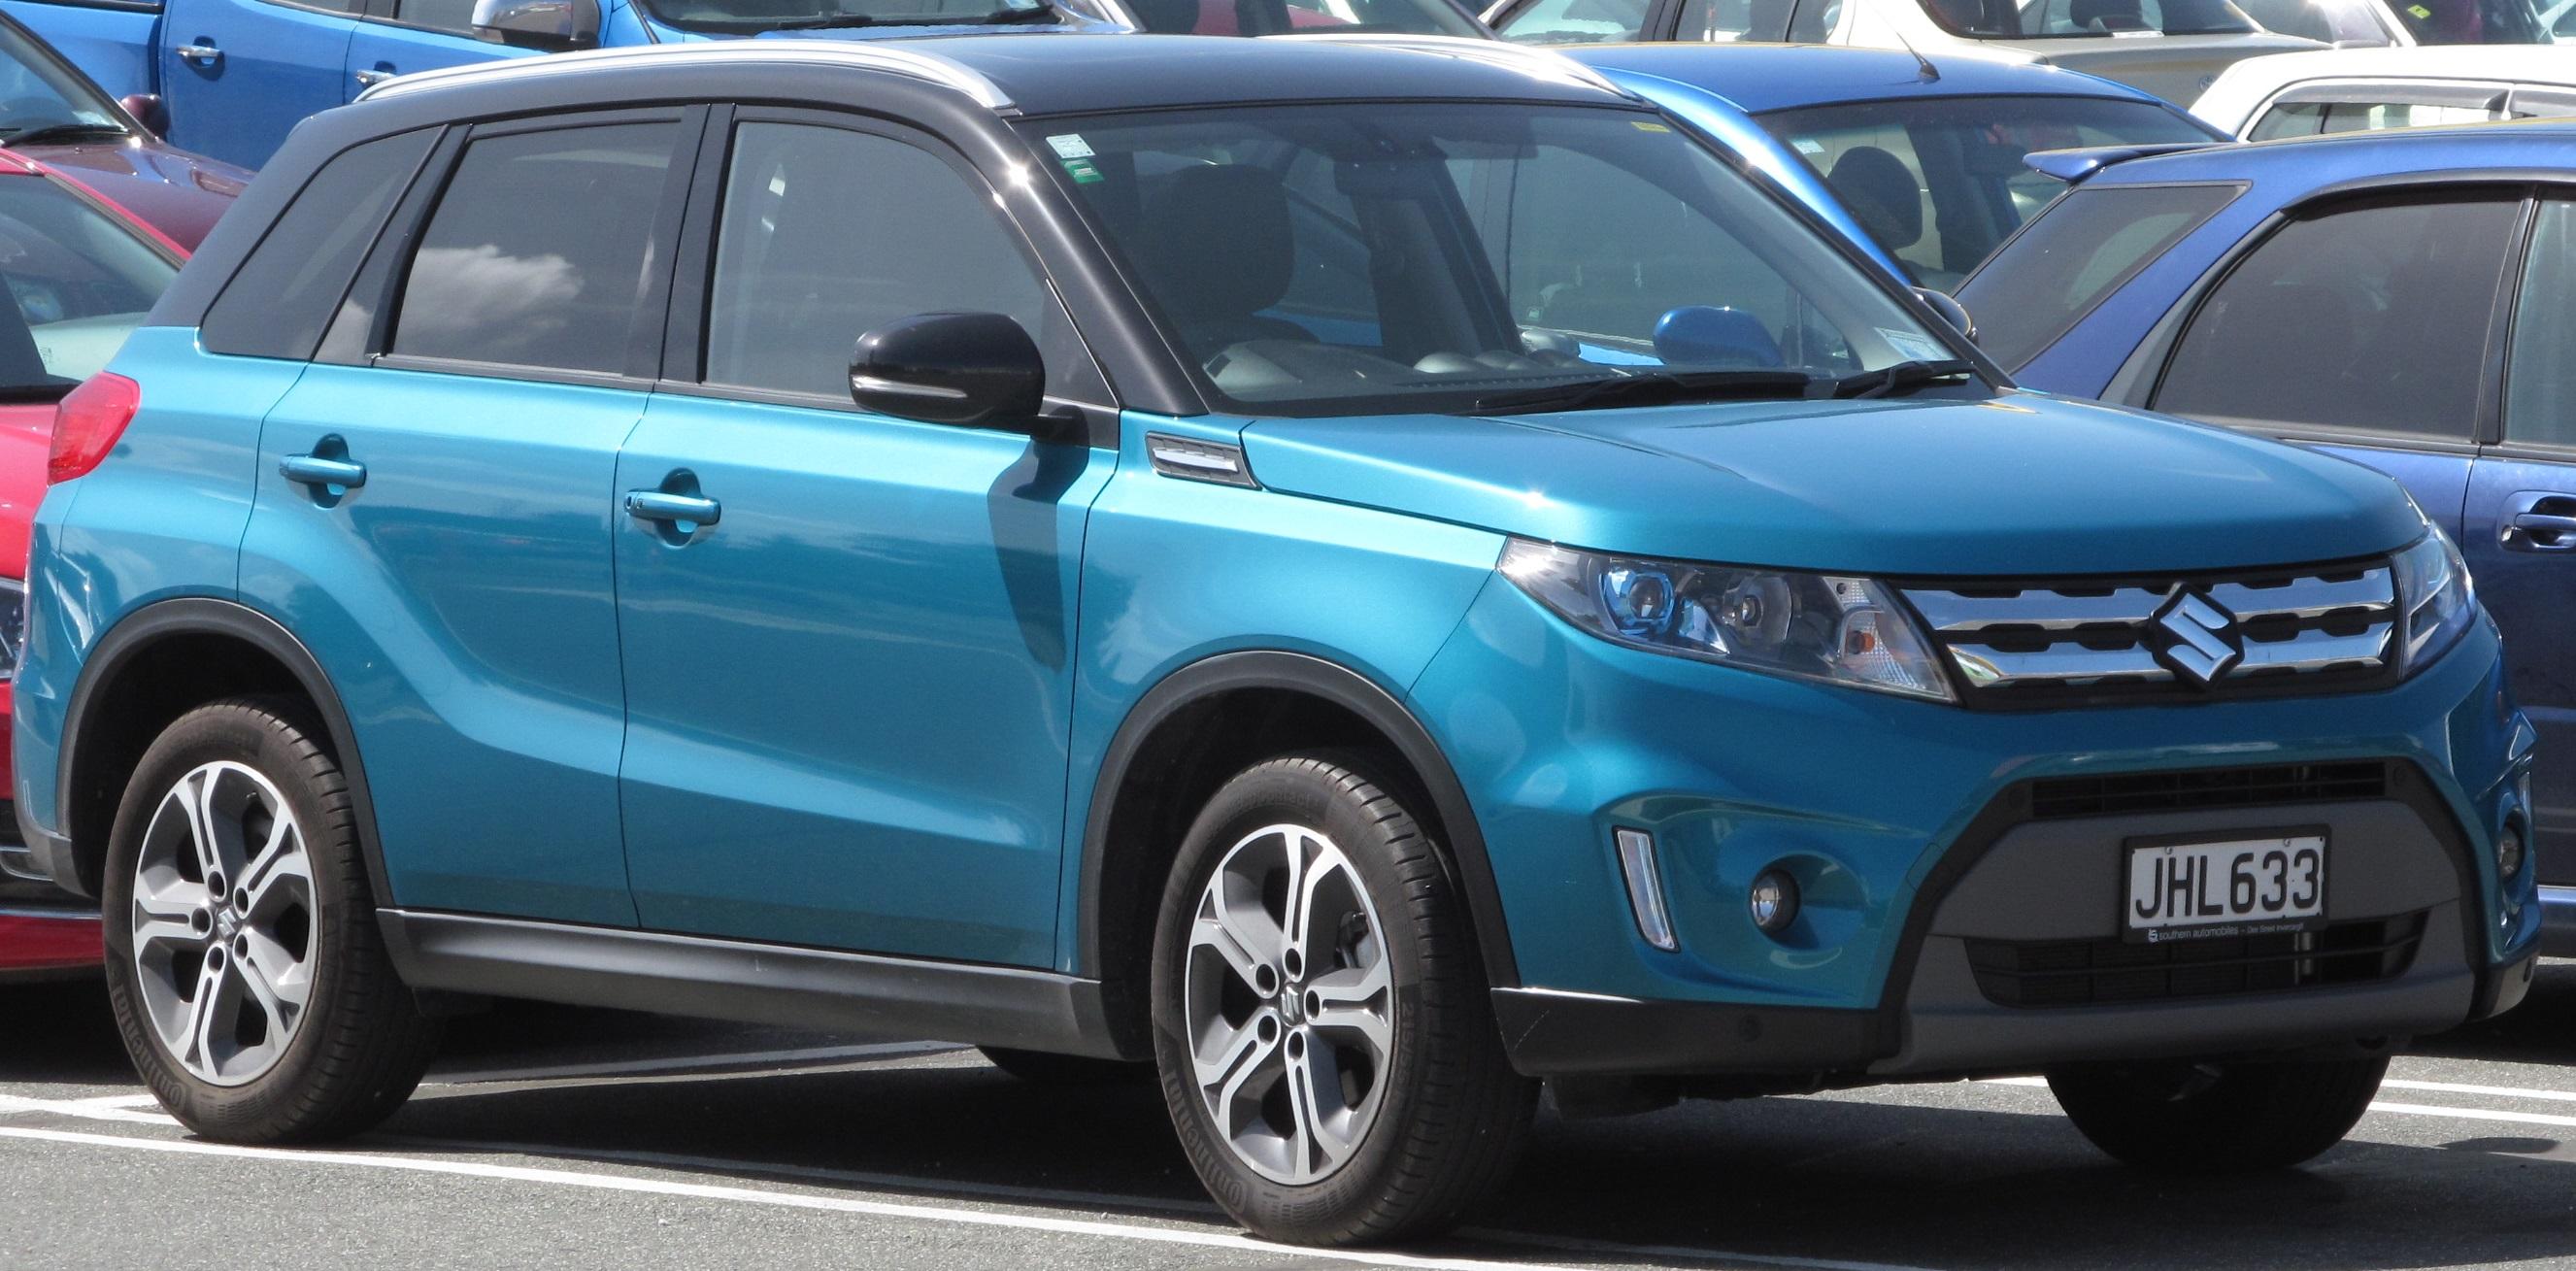 Suzuki Grand Vitara Custom Parts